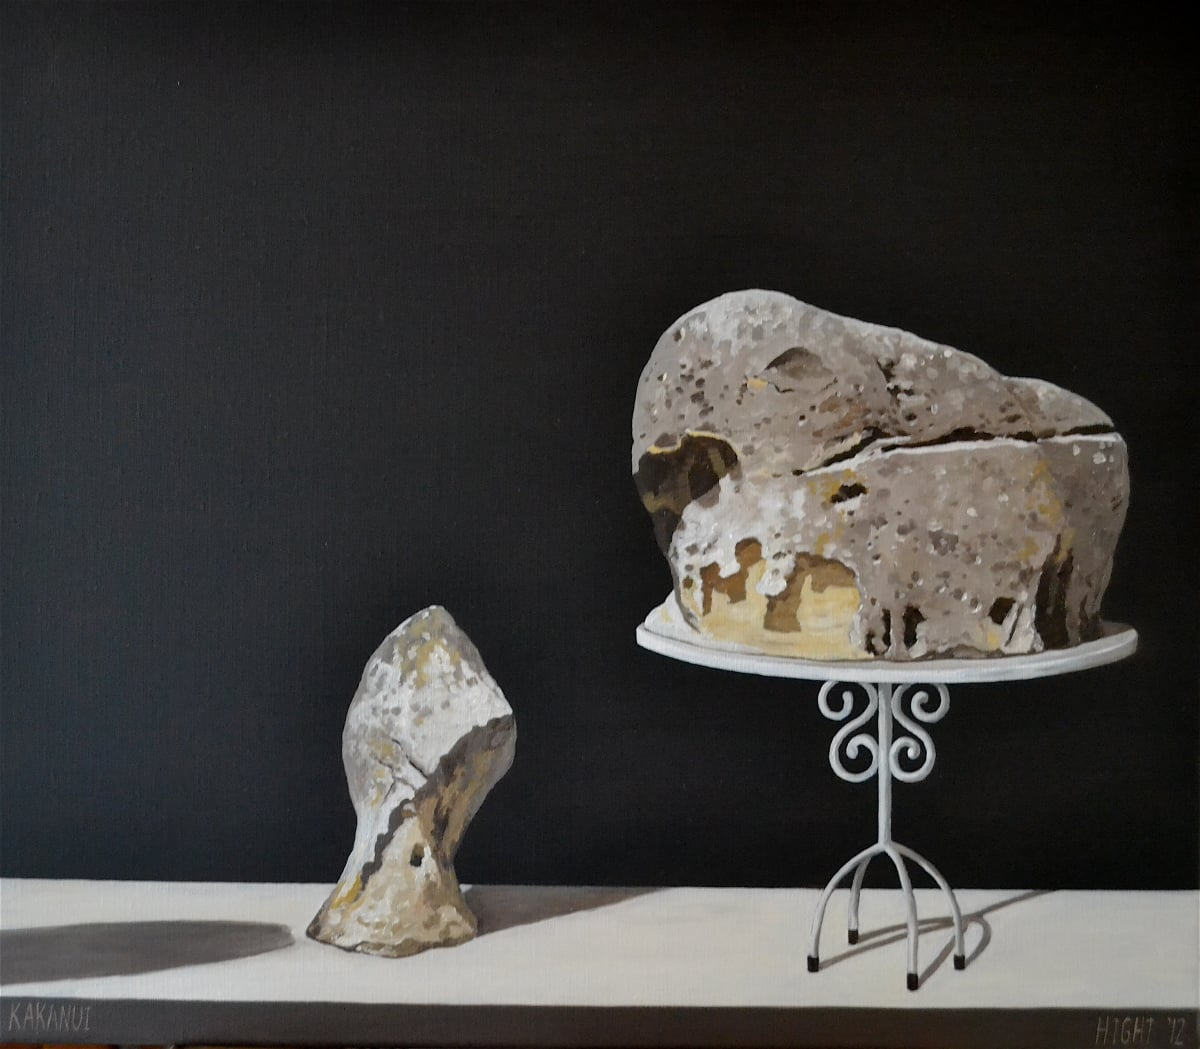 Michael Hight Kakanui, 2012 Oil on linen 14 x 16.1 in 35.5 x 41 cm